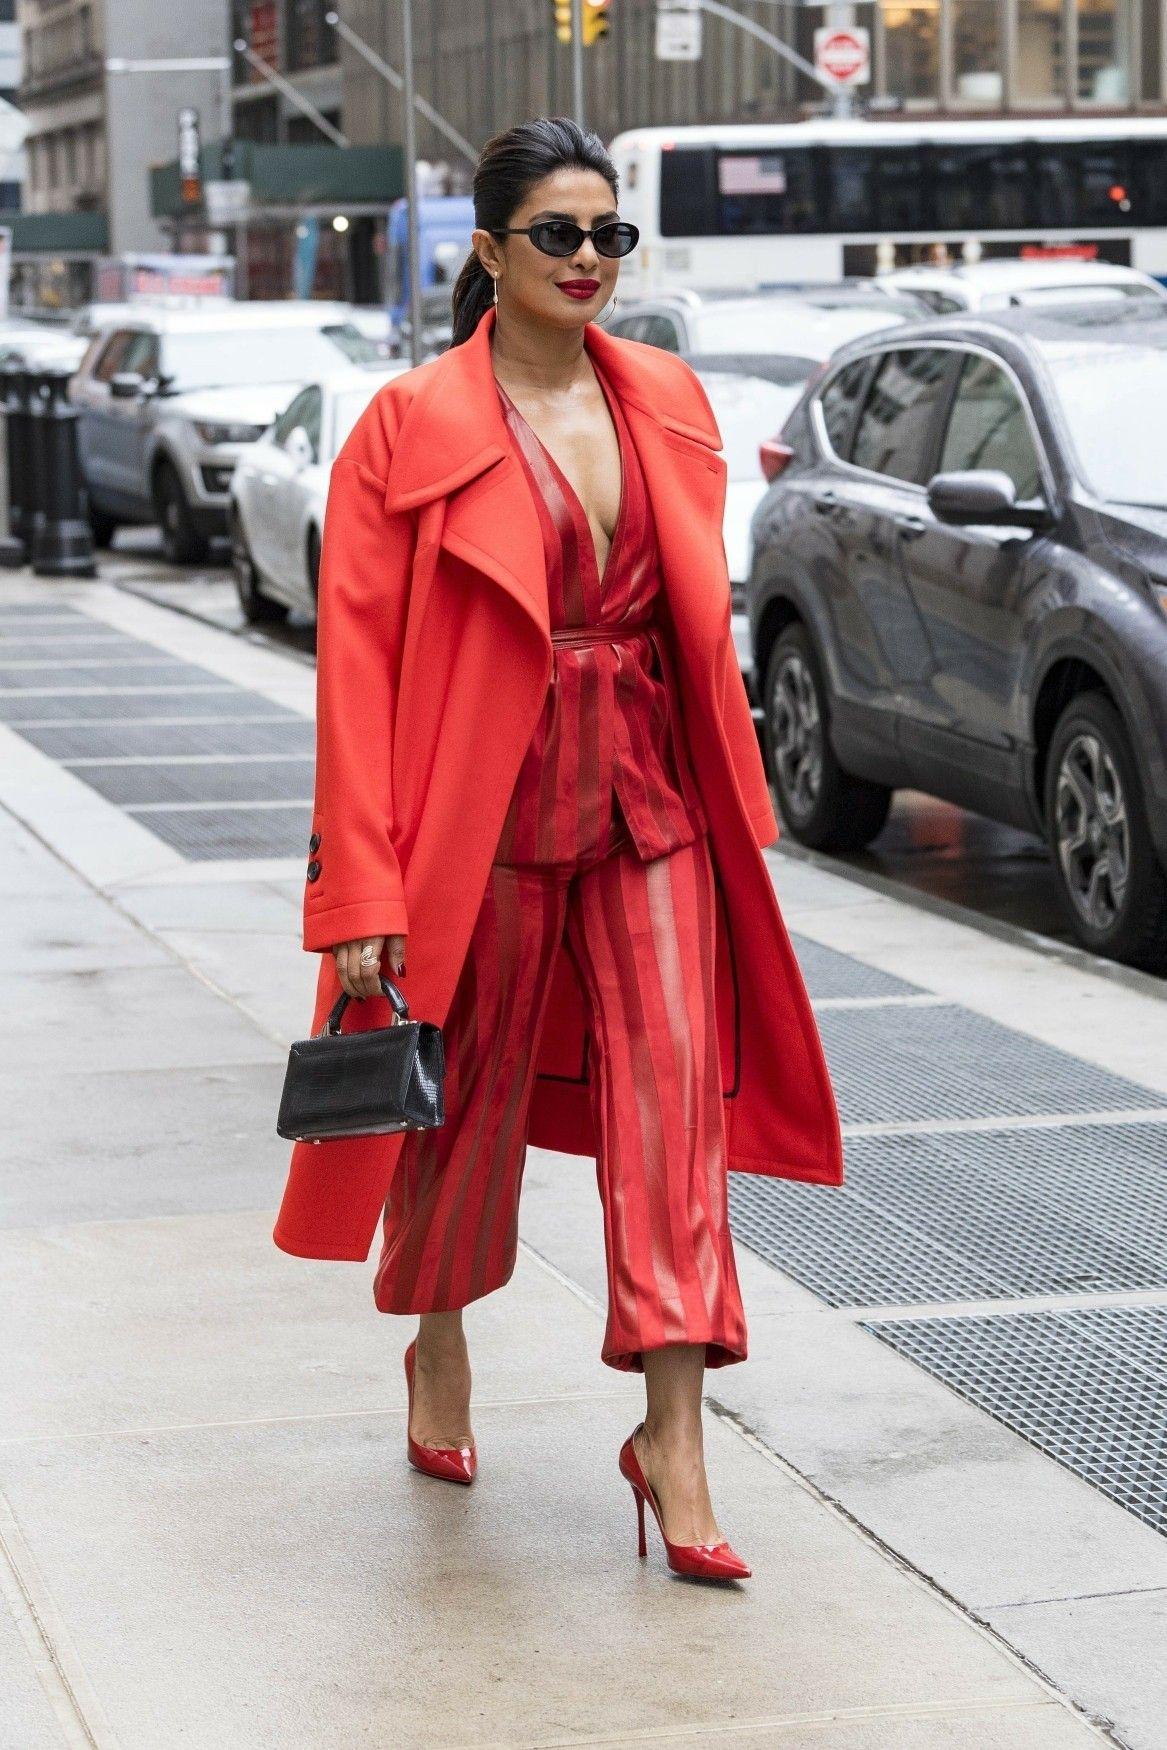 priyanka chopra mặc jumpsuit và áo choàng đỏ